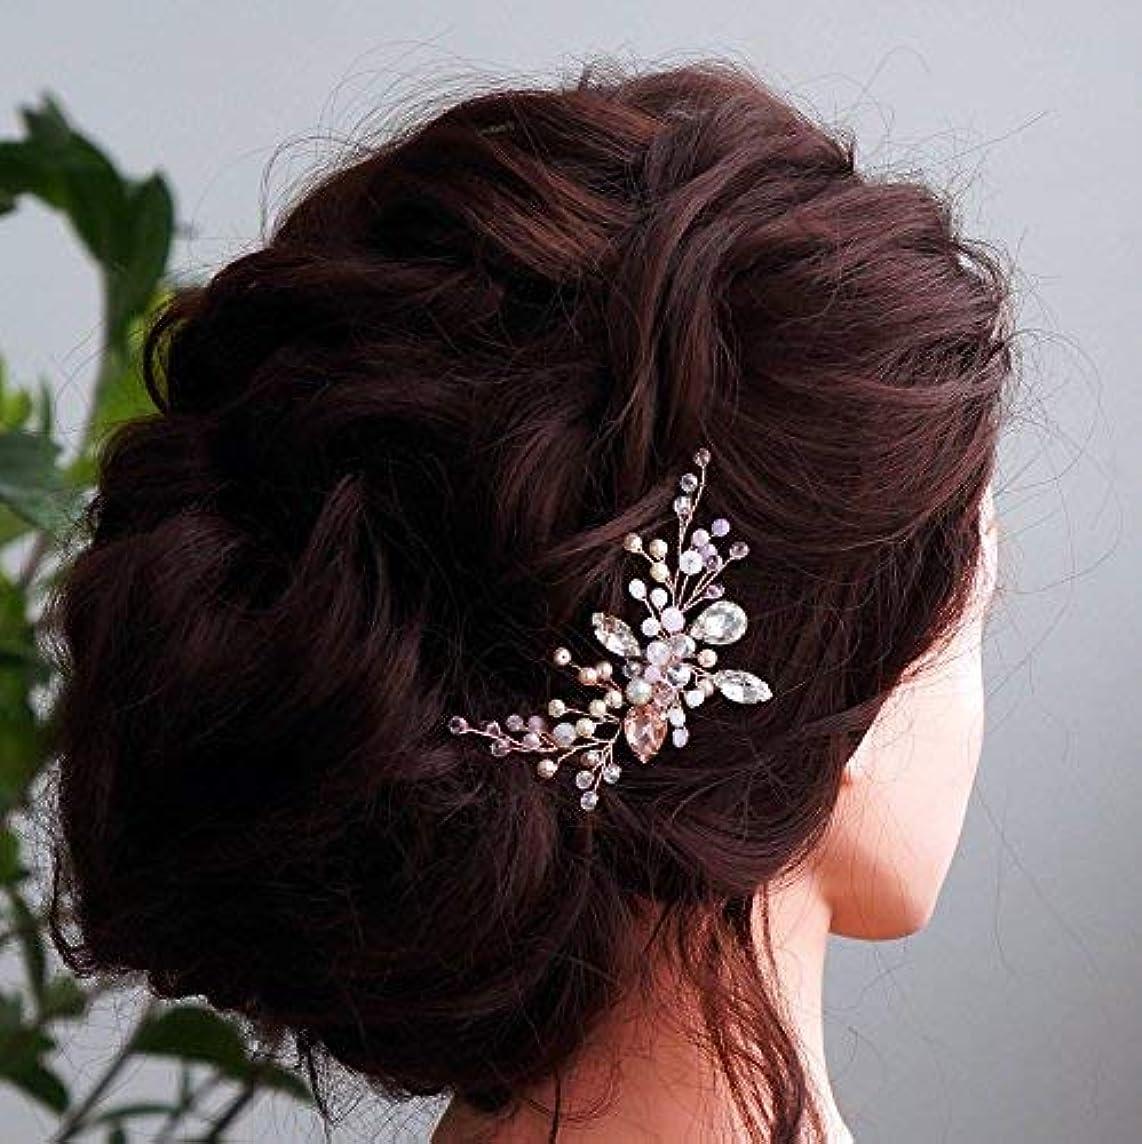 ソファー不道徳株式Kercisbeauty Wedding Bridal Bridesmaids Flower Girl Pink Crystal Beads and Rhinestone Tiny Cute Hair Comb Headband...